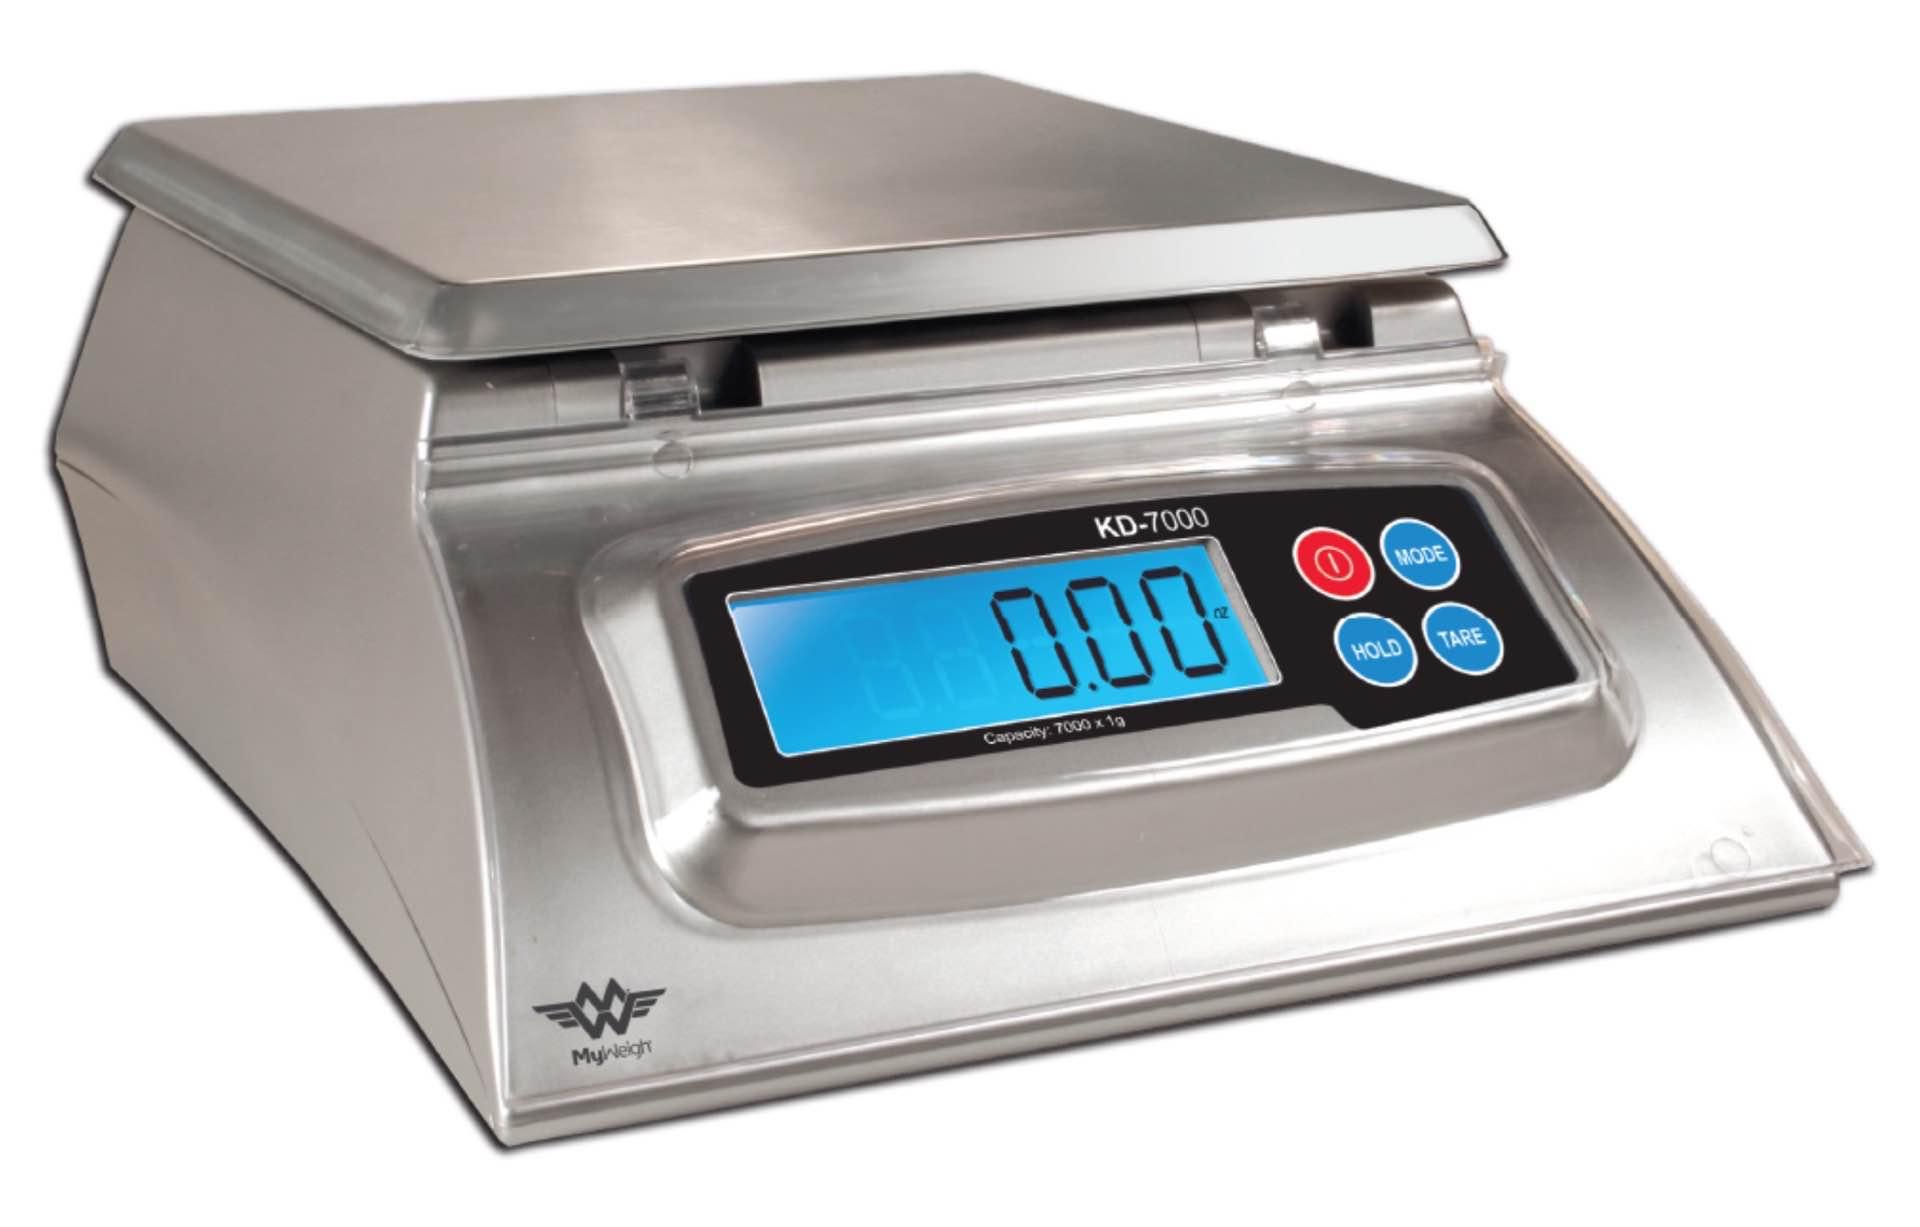 myweigh-kd-7000-digital-scale